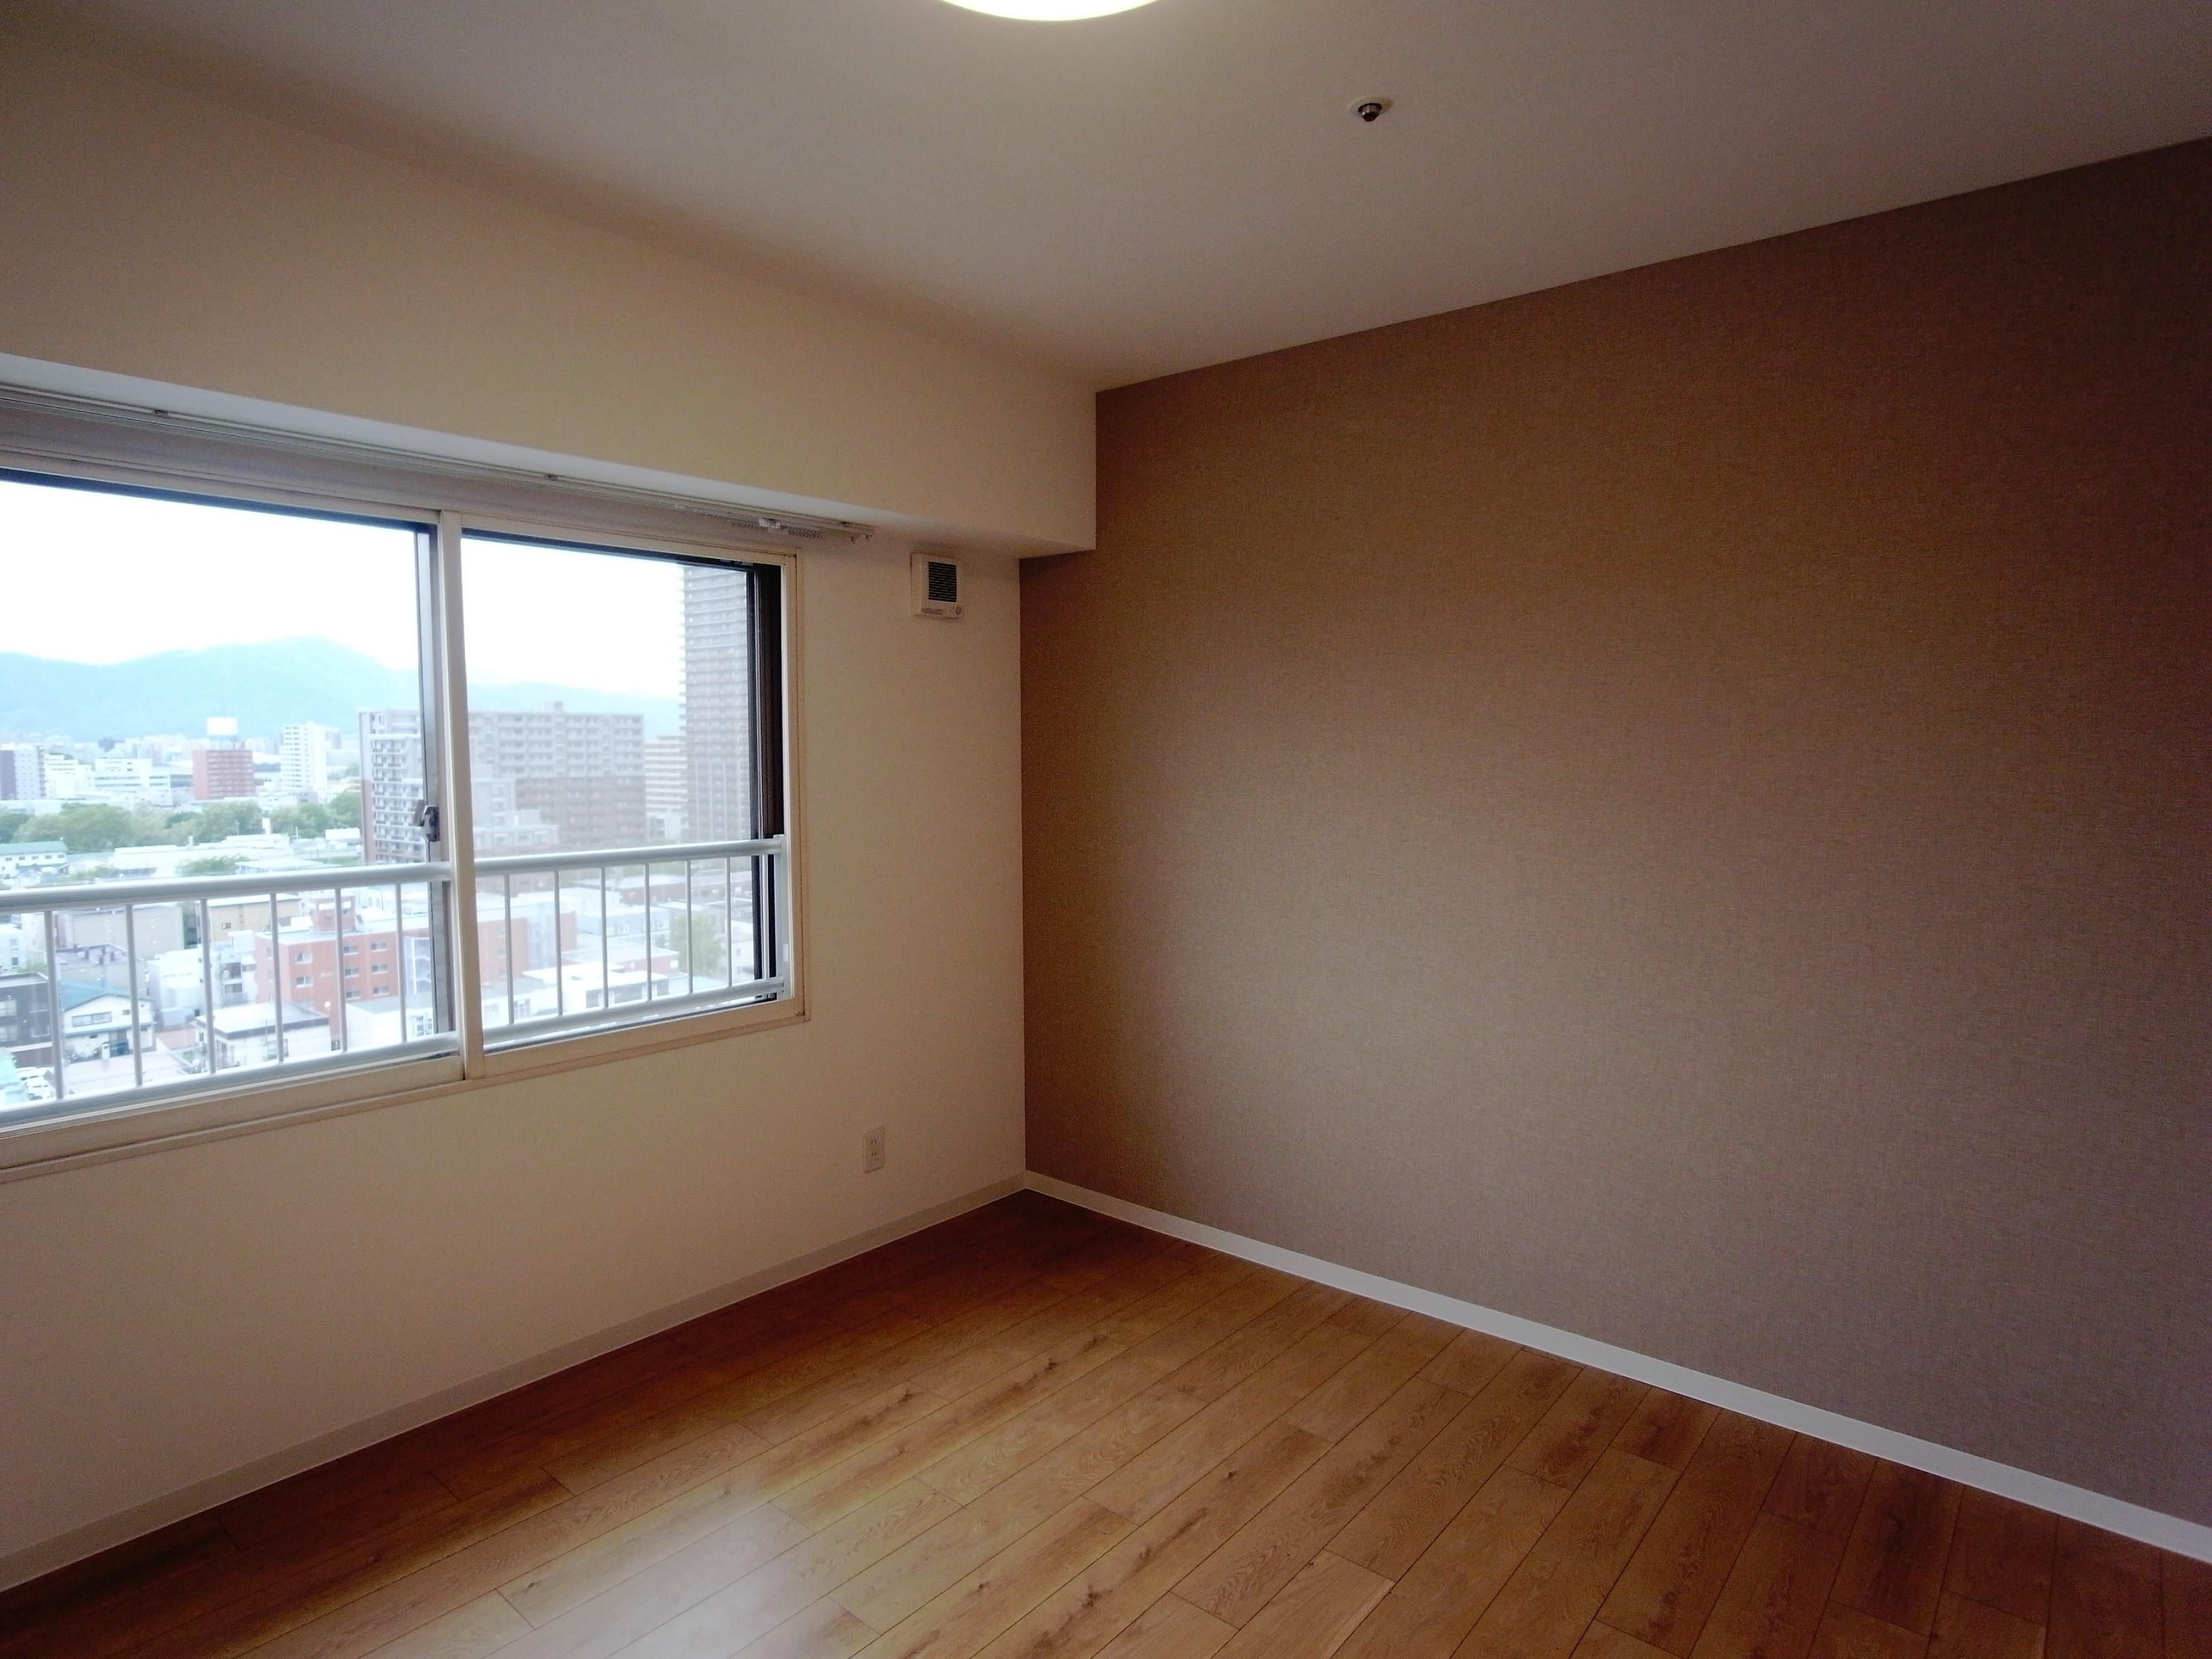 ベッドルーム事例:洋室(コスパが光る!可愛い好立地再販物件)